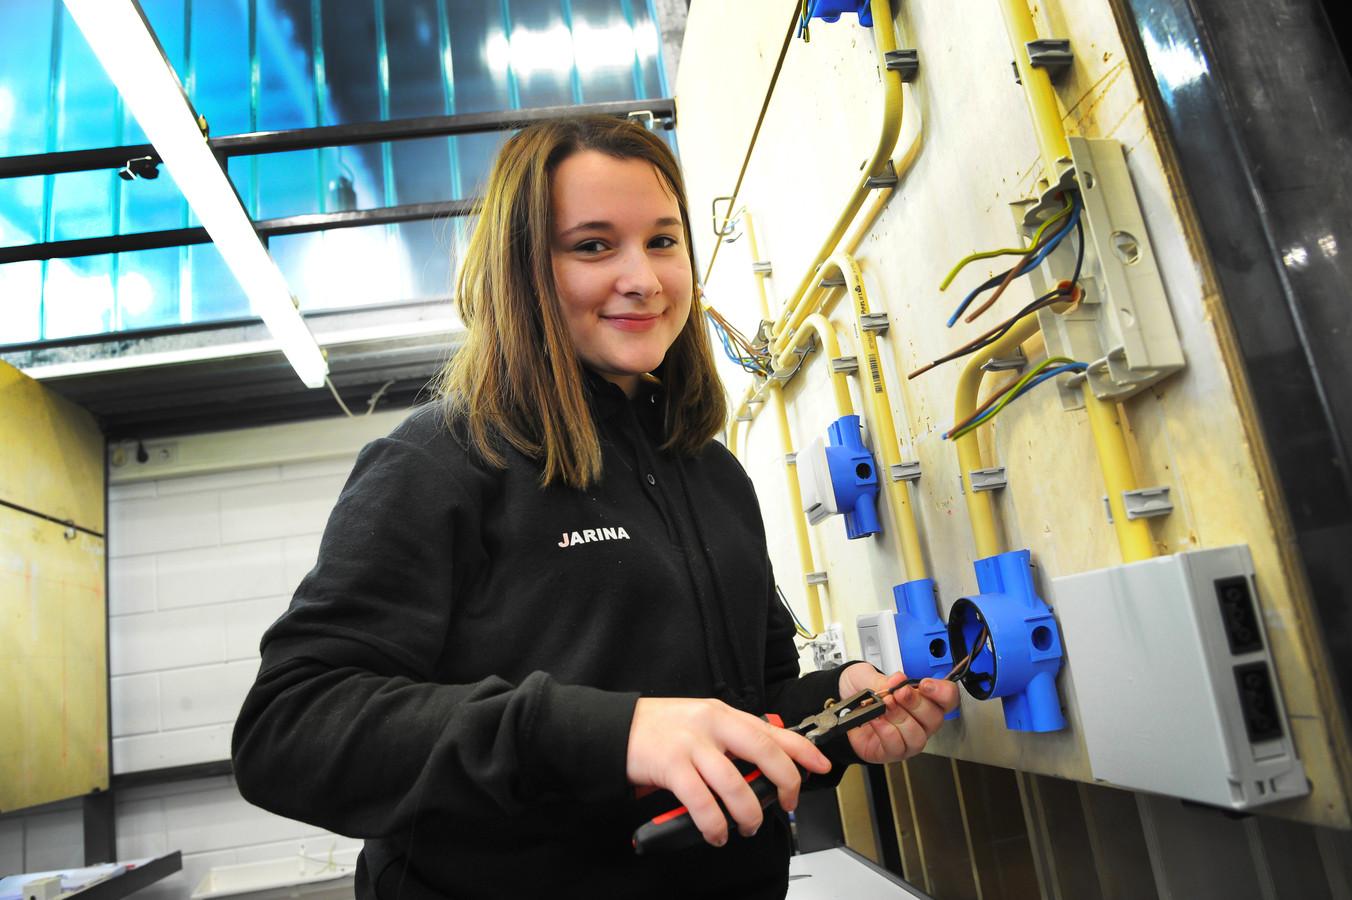 De Walcherse middelbare scholen en Scalda gaan bij de techniek-opleidingen in het vmbo en het mbo beter samenwerken in het Technum op Scalda.